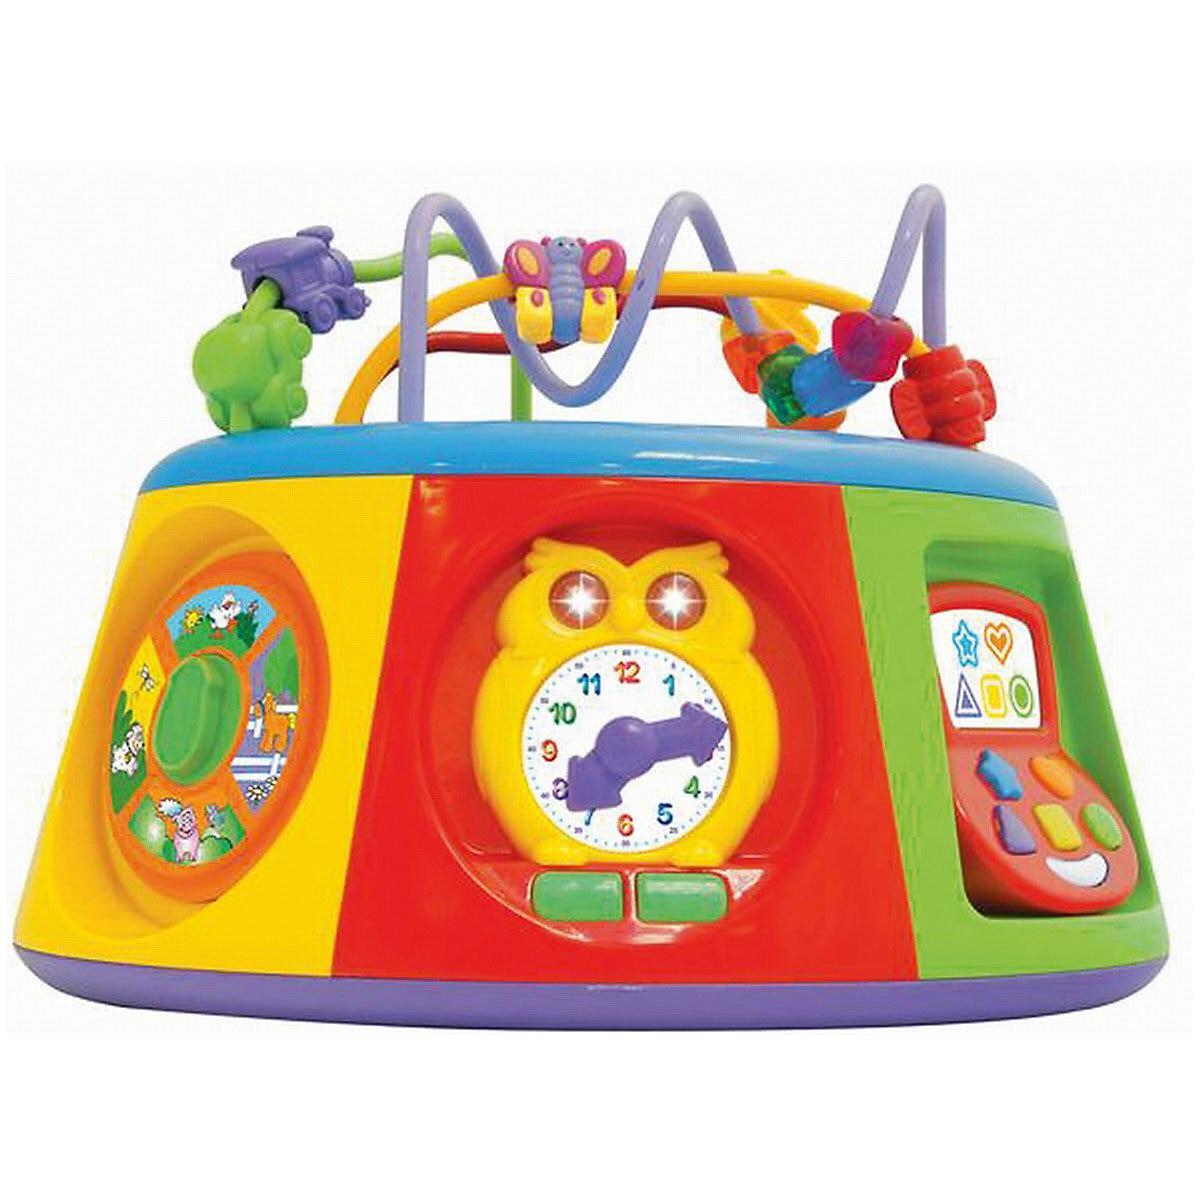 Kiddieland triagem, nidificação & empilhamento brinquedos 5054088 aprendizagem educação bizybord brinquedos mtpromo